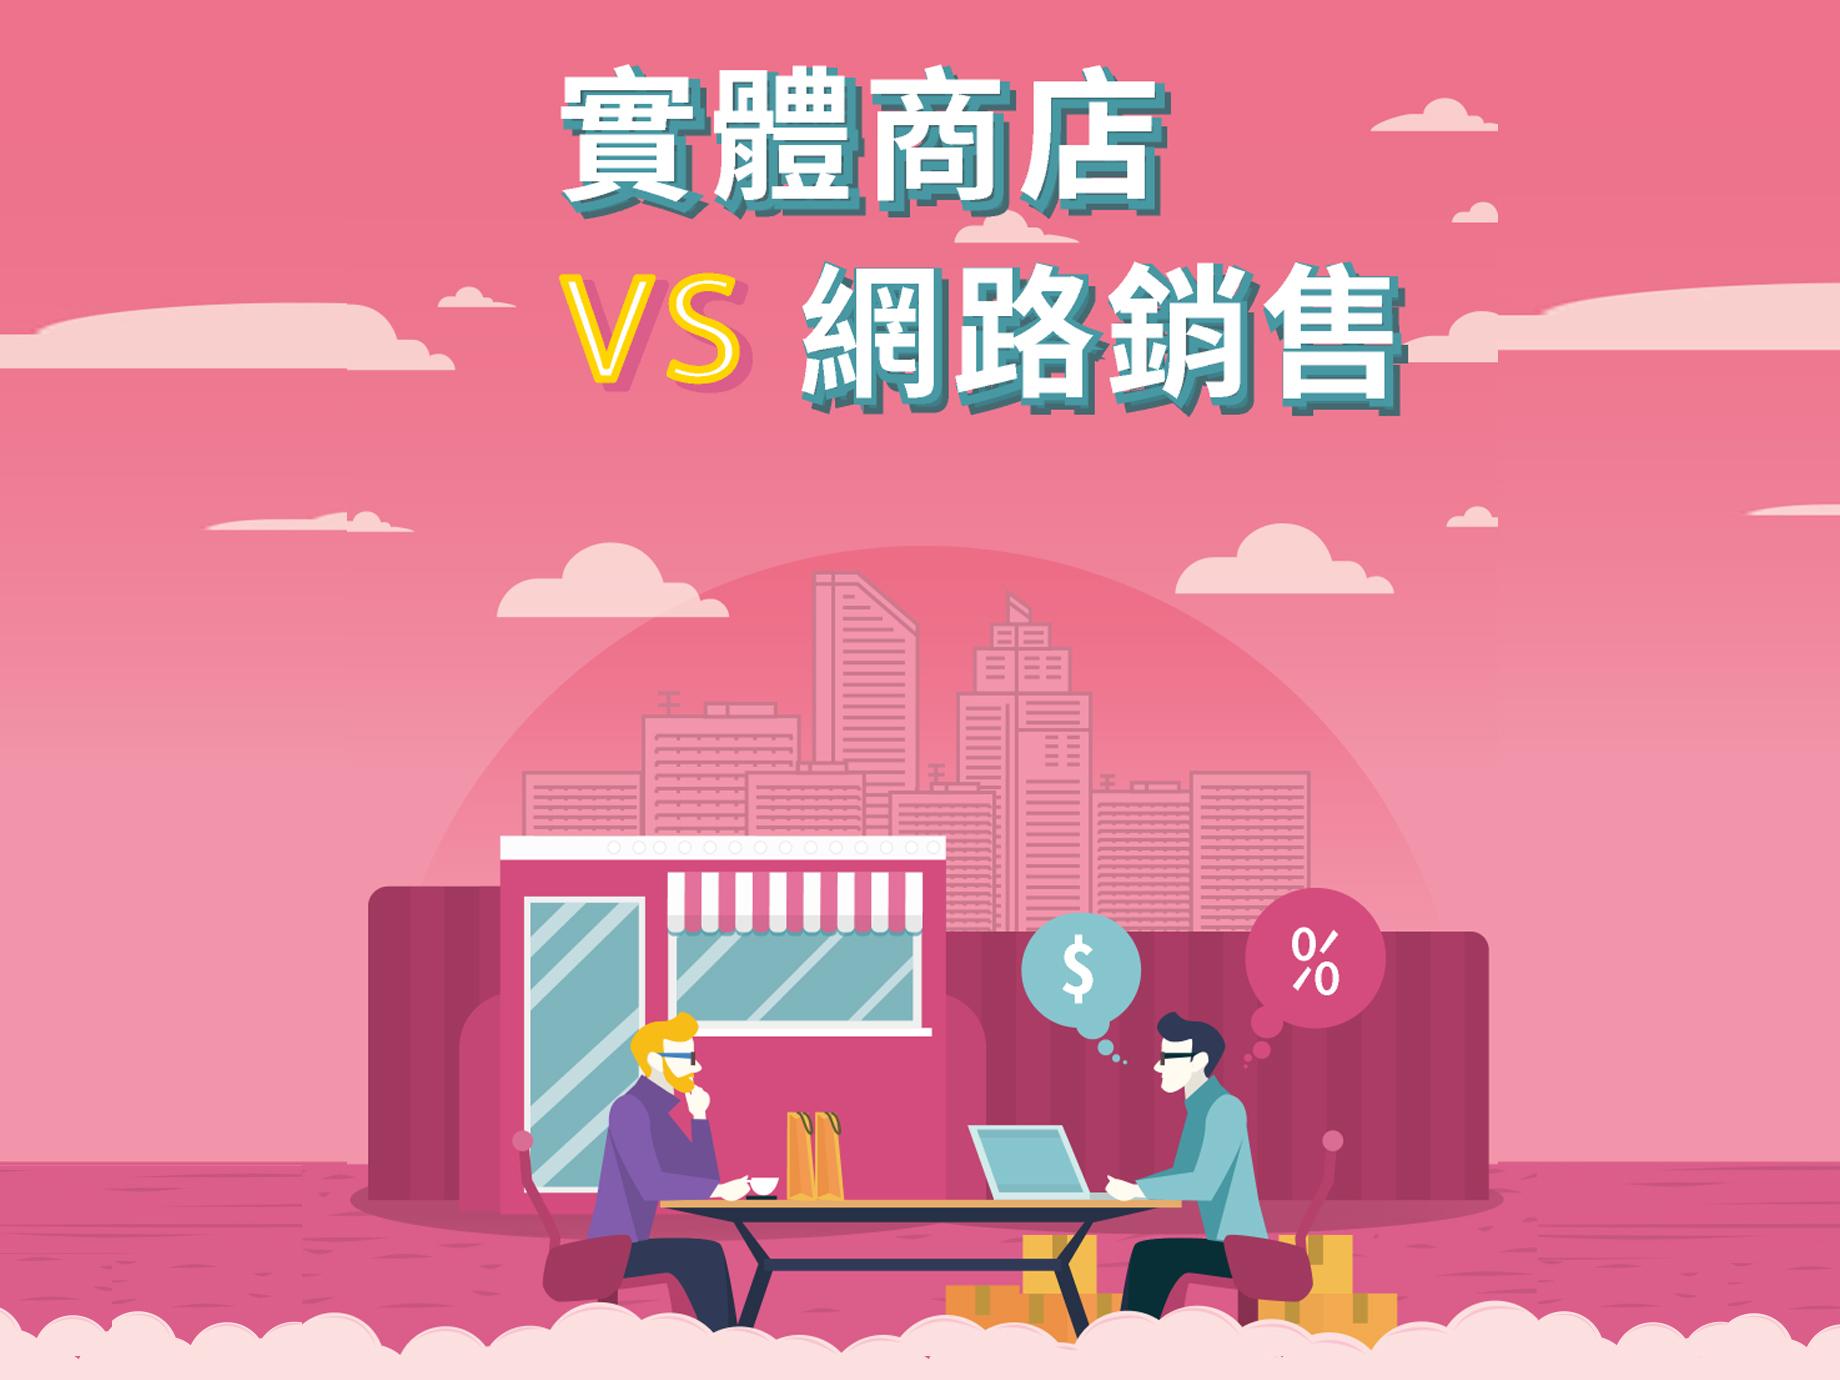 【資訊圖表】實體商店 vs 網路銷售